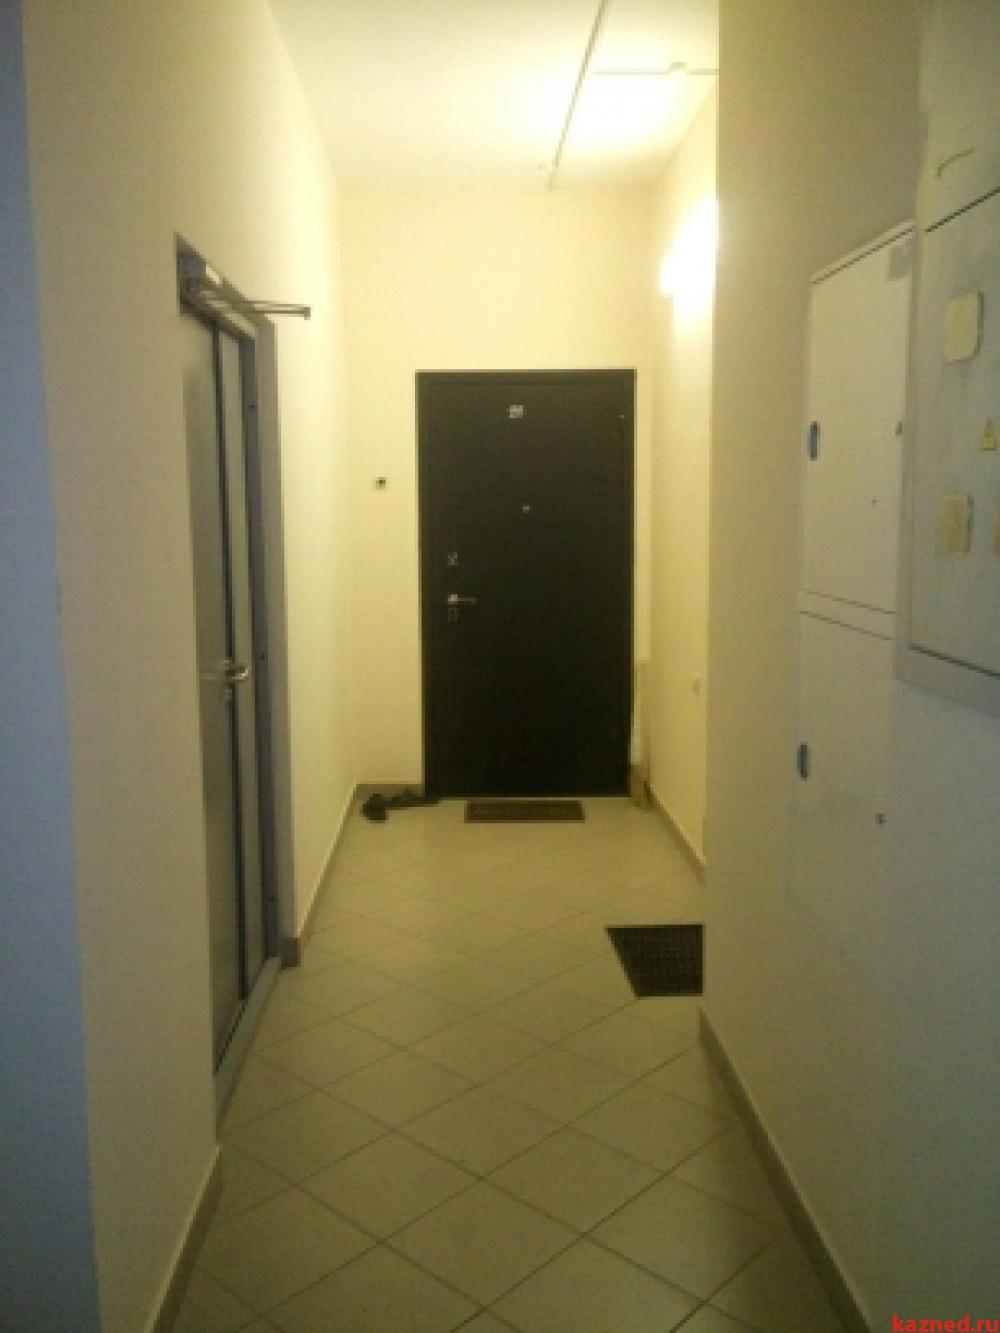 Продажа 1-к квартиры Оренбургский тракт,24Б, 48 м²  (миниатюра №3)